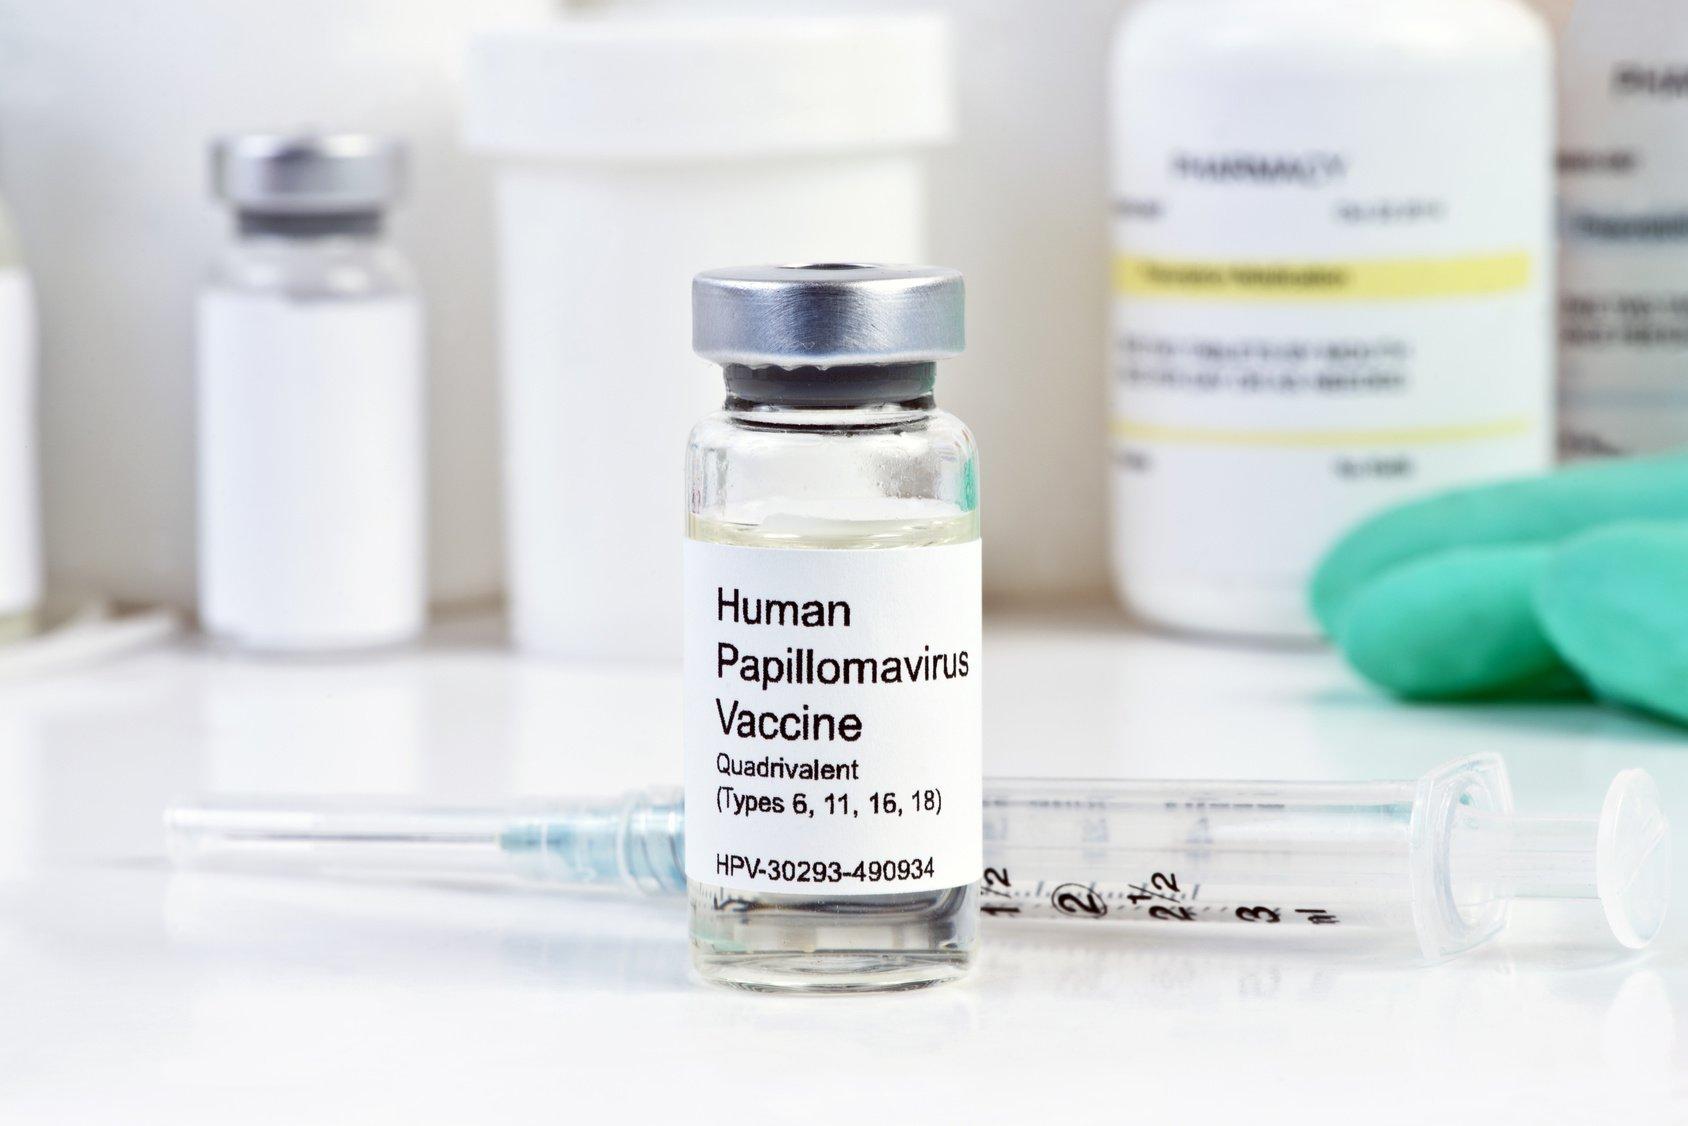 human papillomavirus vaccine use